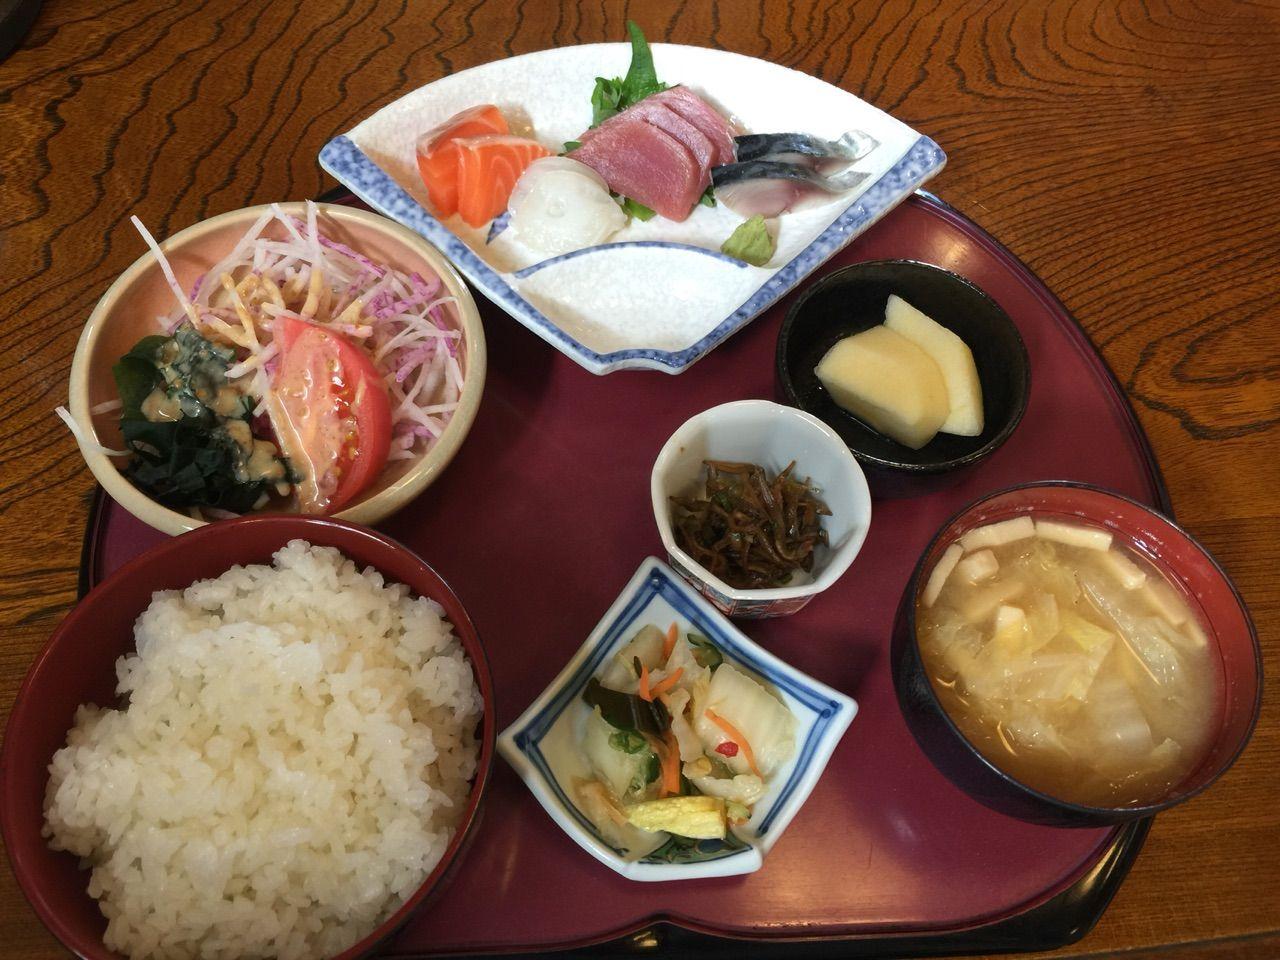 焼魚定食 - 磯料理 あづまの口コミ - トリップアドバ …